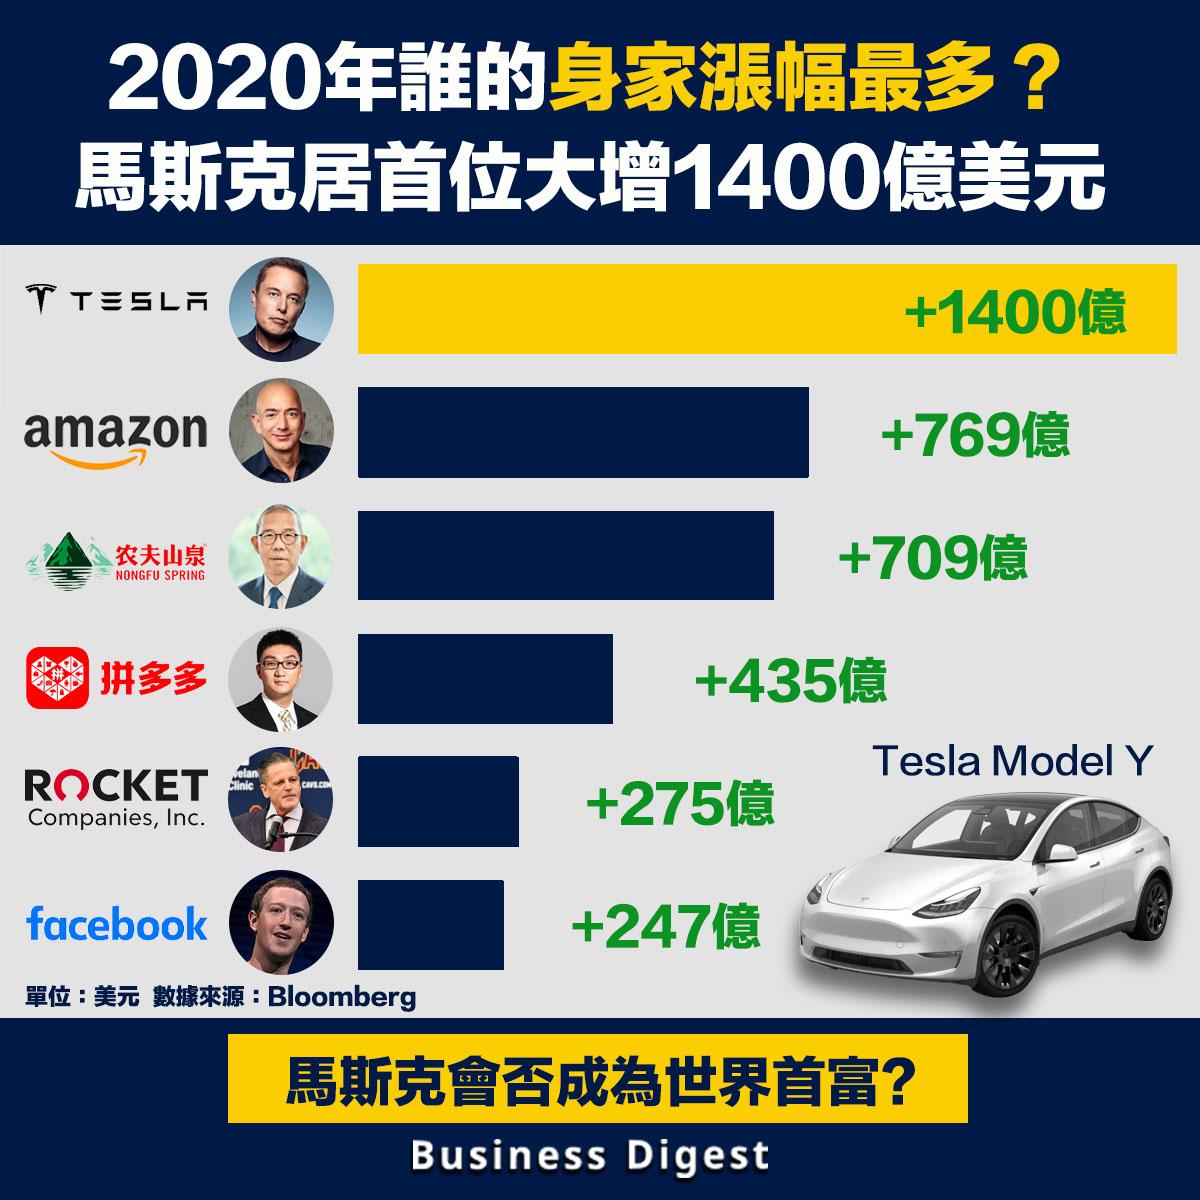 2020年誰的身家漲幅最多?馬斯克居首位大增1400億美元